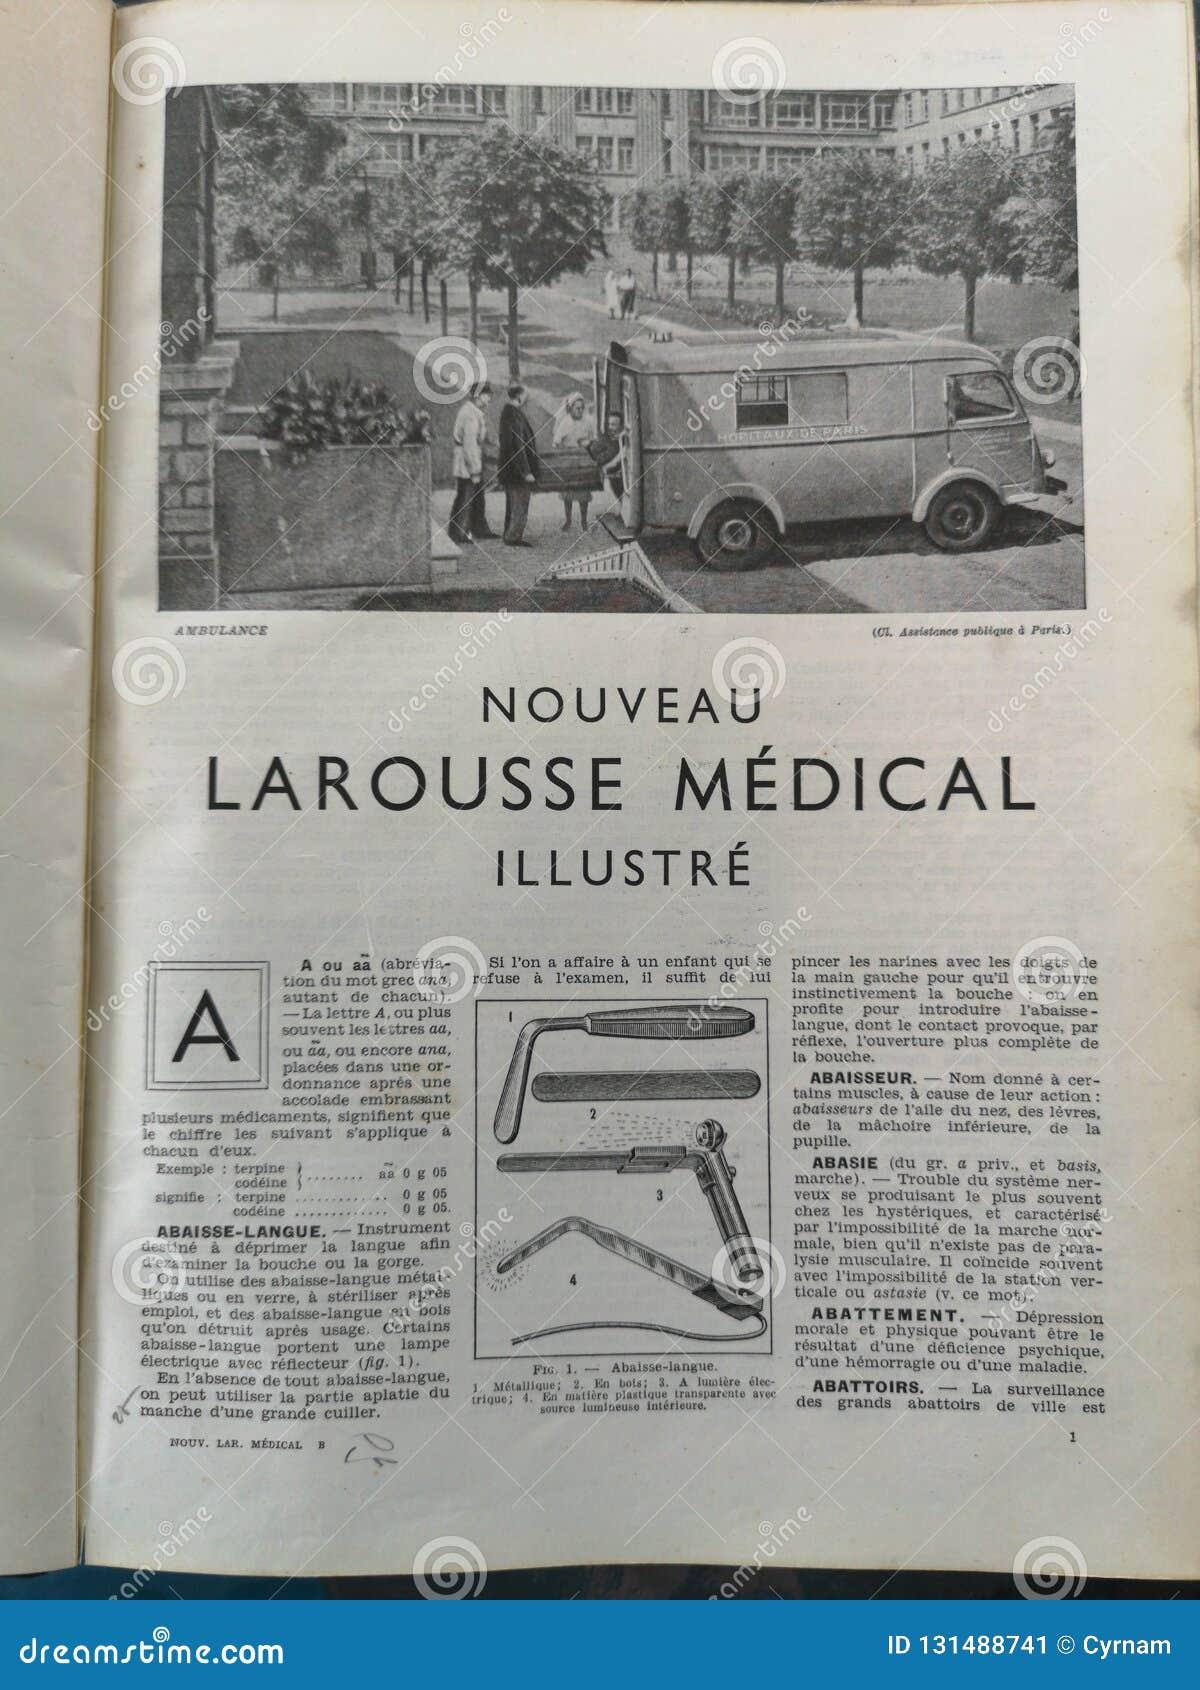 Gammal fransk medicinsk bok med illustrationer